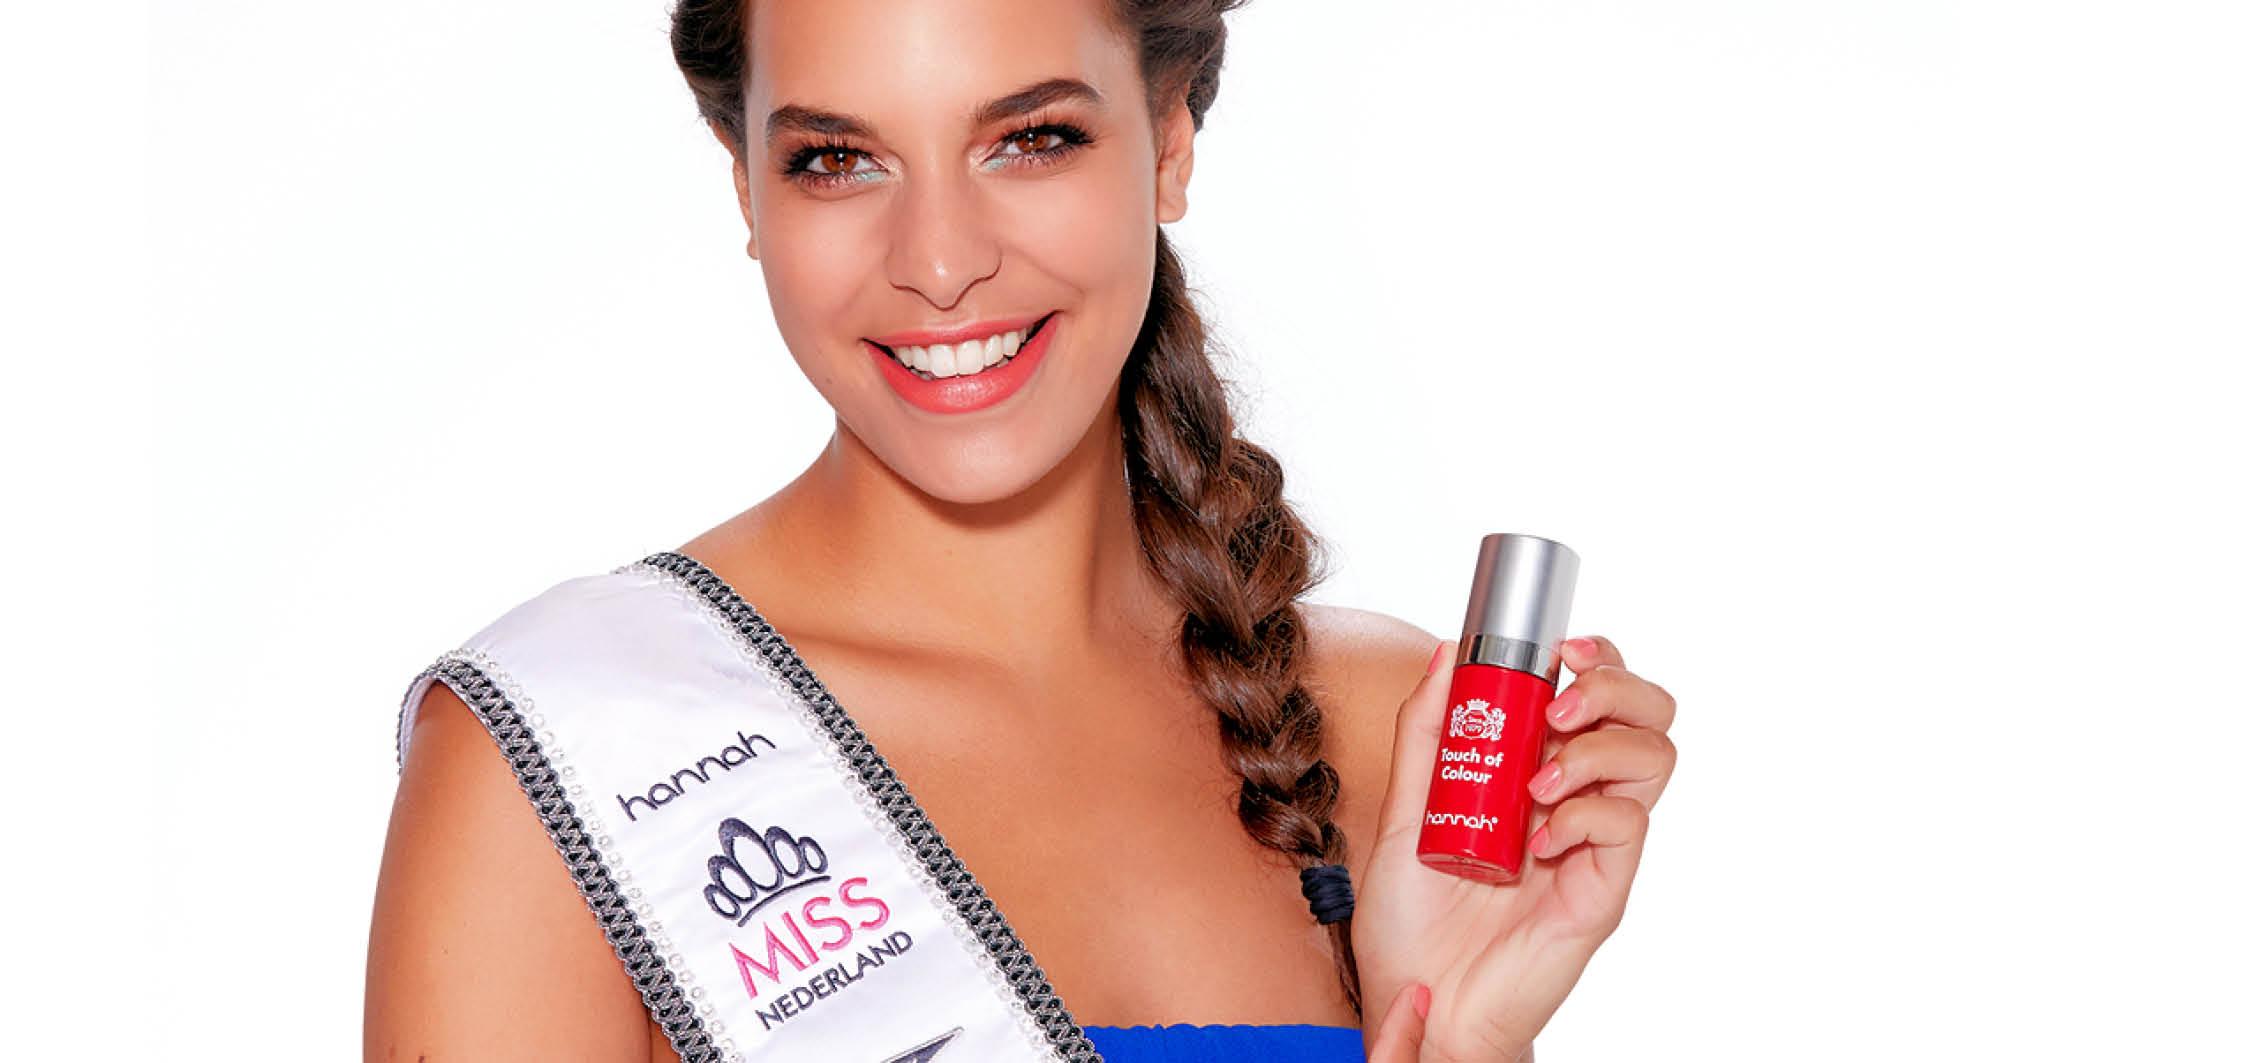 Miss_Nederland_Rahima_voorbereidingen_Miss Universe